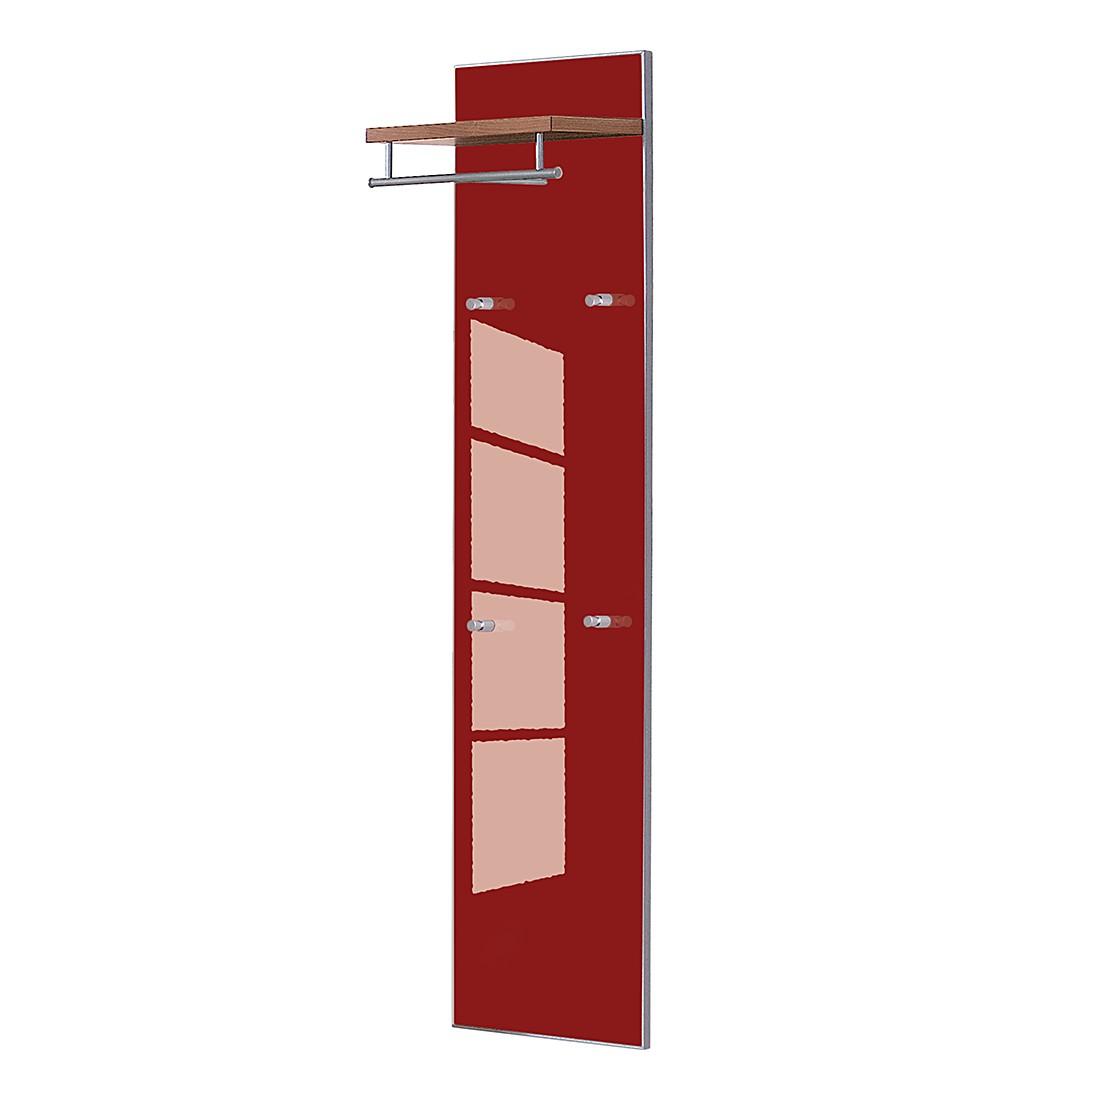 Garderobenpaneel Sarota – Nussbaum/Glas Rot, Voss günstig kaufen